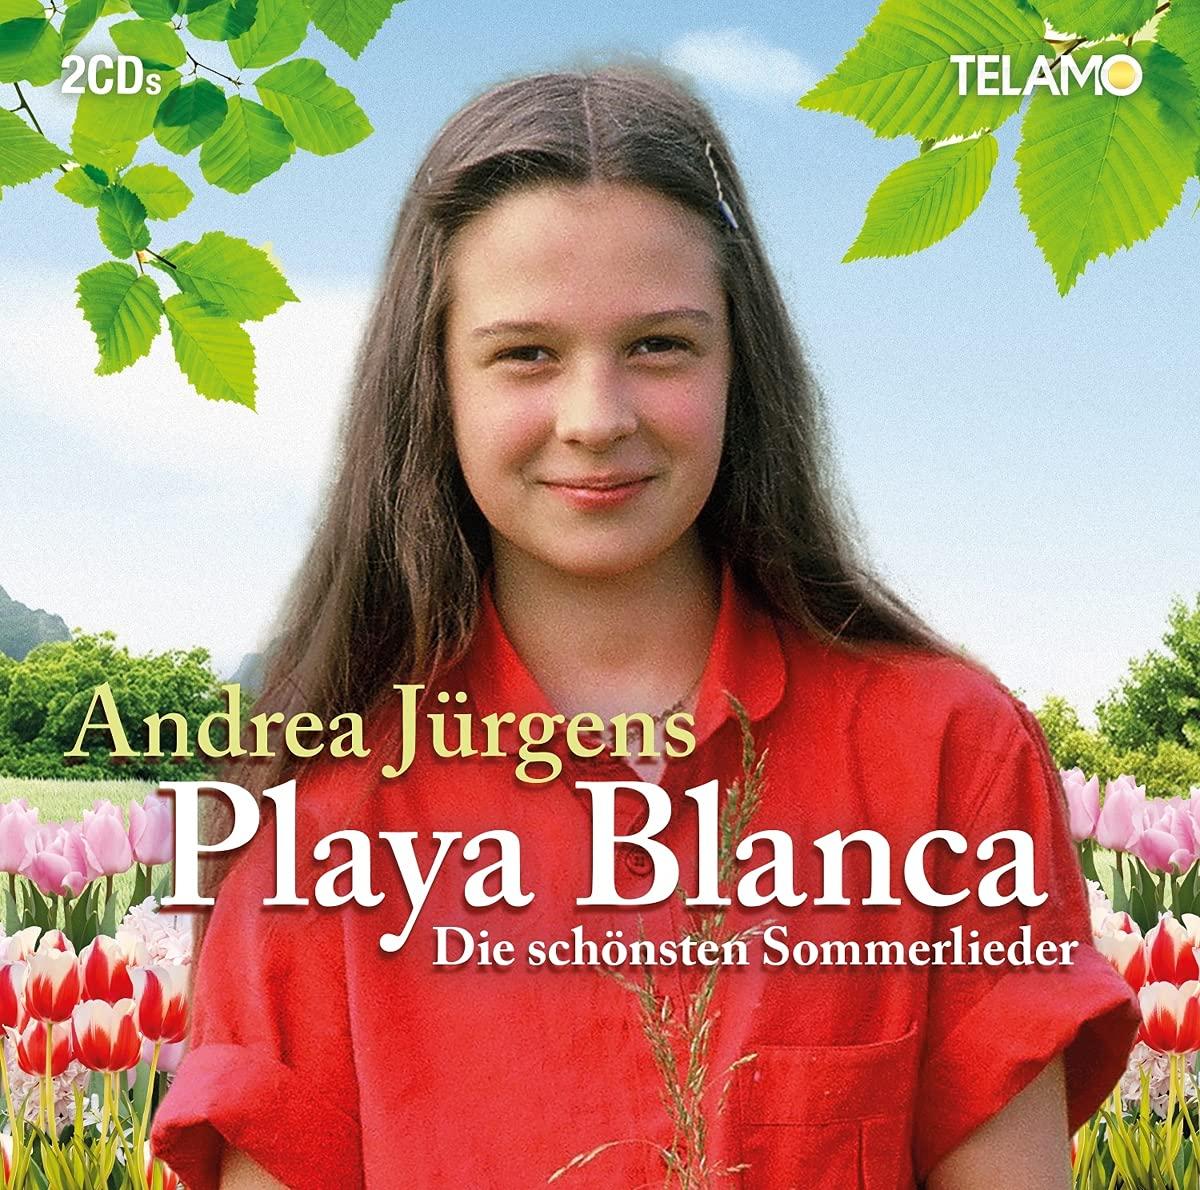 Andrea Jürgens - Playa Blanca (Die schönsten Sommerlieder) (2021)